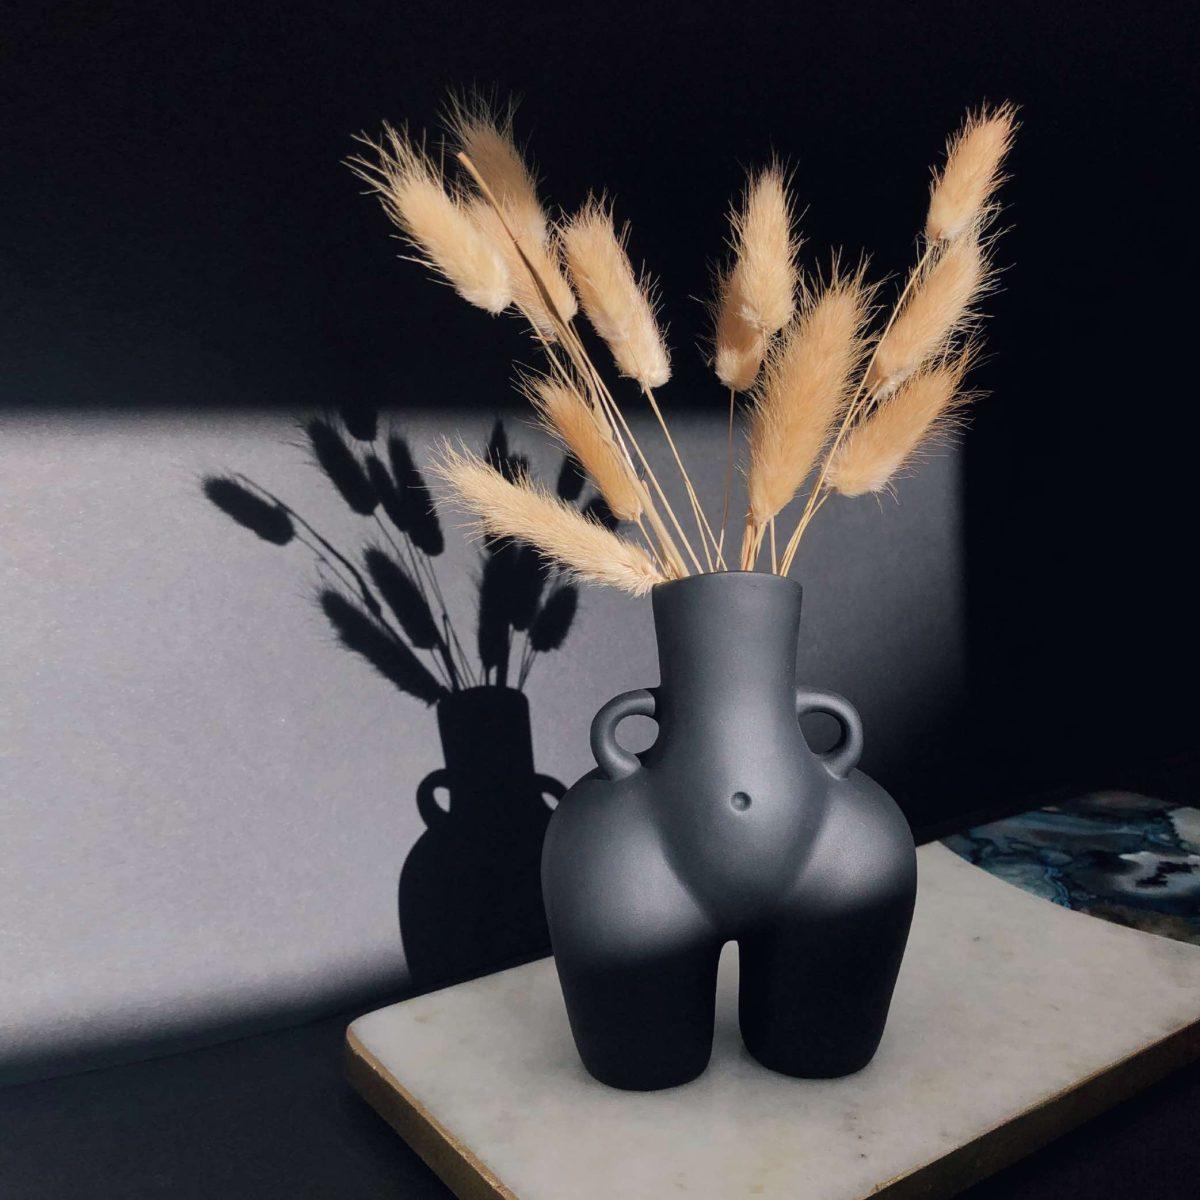 bum vase, cheeky bum vase, love handles vase, female body vase, body vase, resin vase, vase for pamaps, vase for bunny tails, black vase, white vase